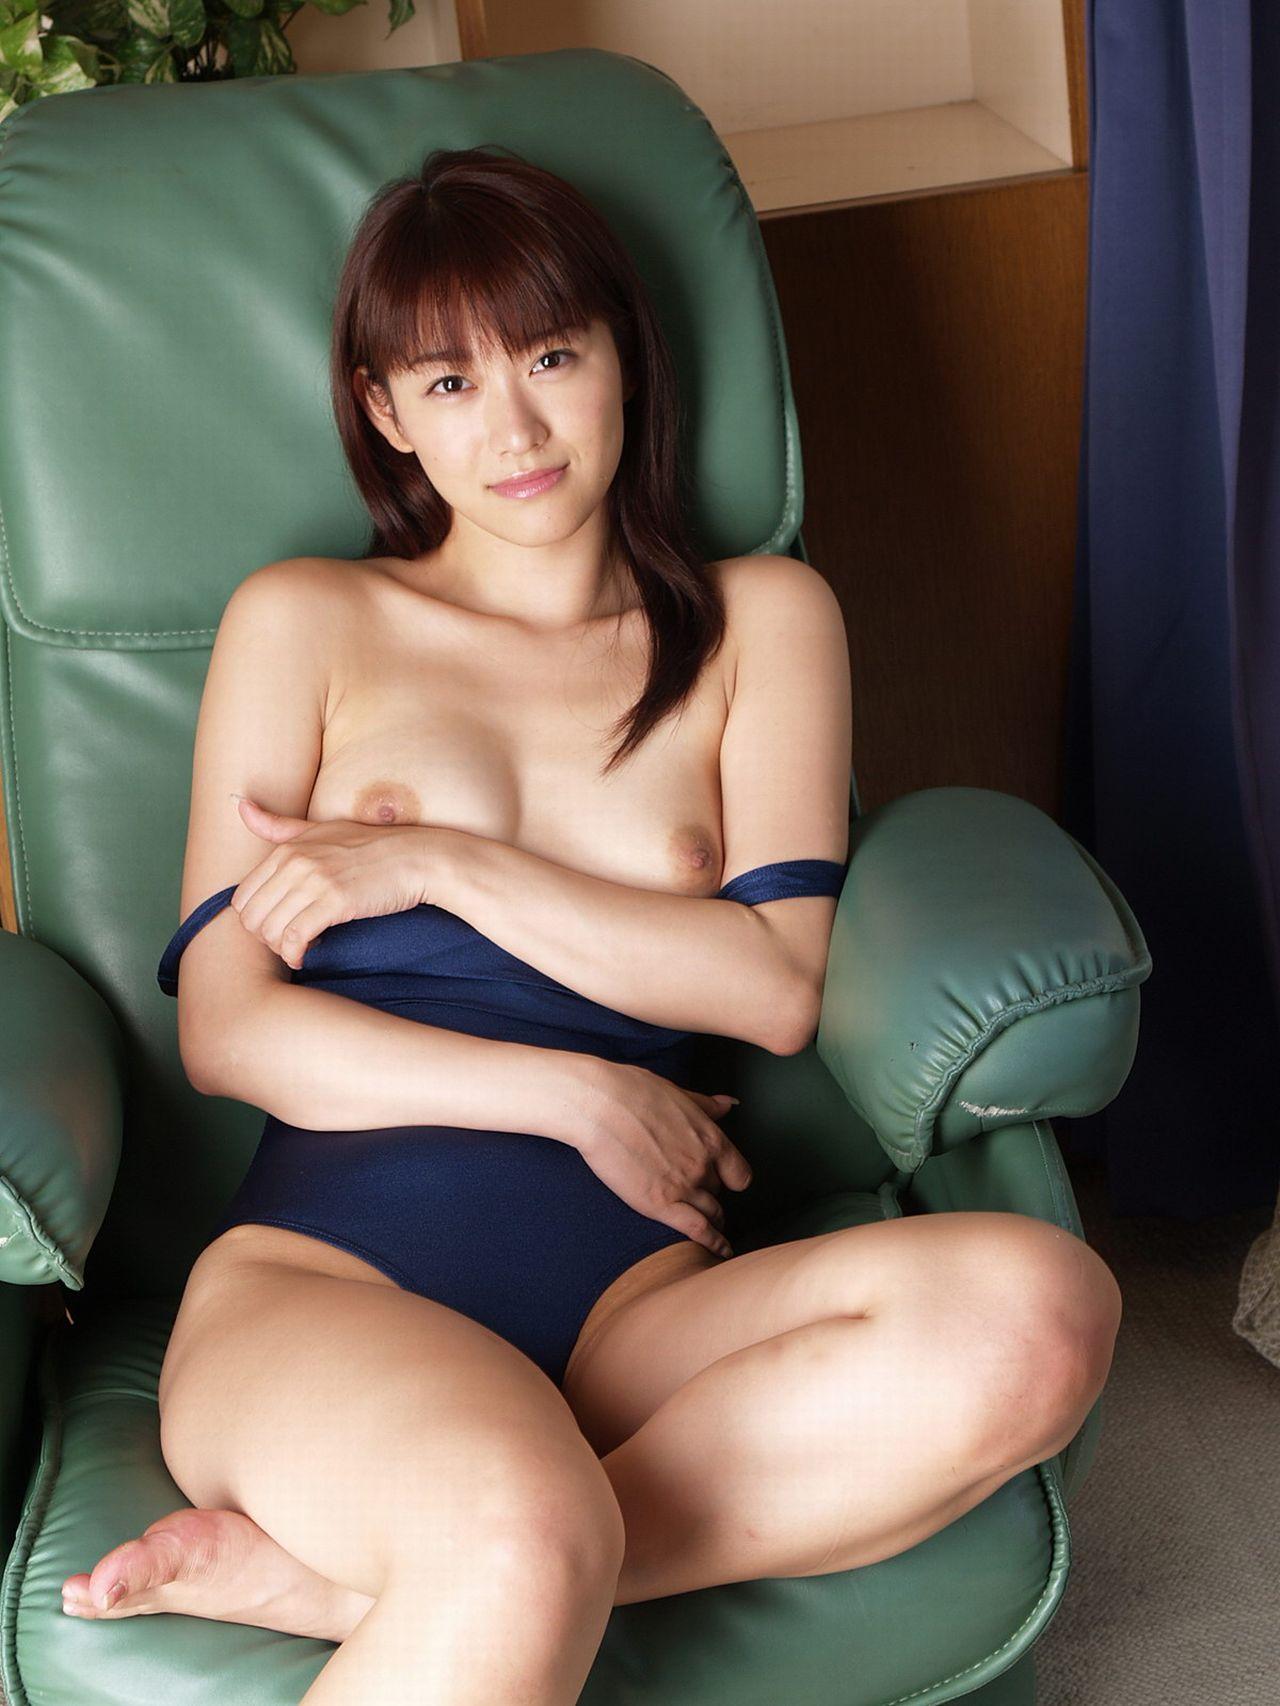 三次元 3次元 エロ画像 AV女優 西野翔 ヌード べっぴん娘通信 080